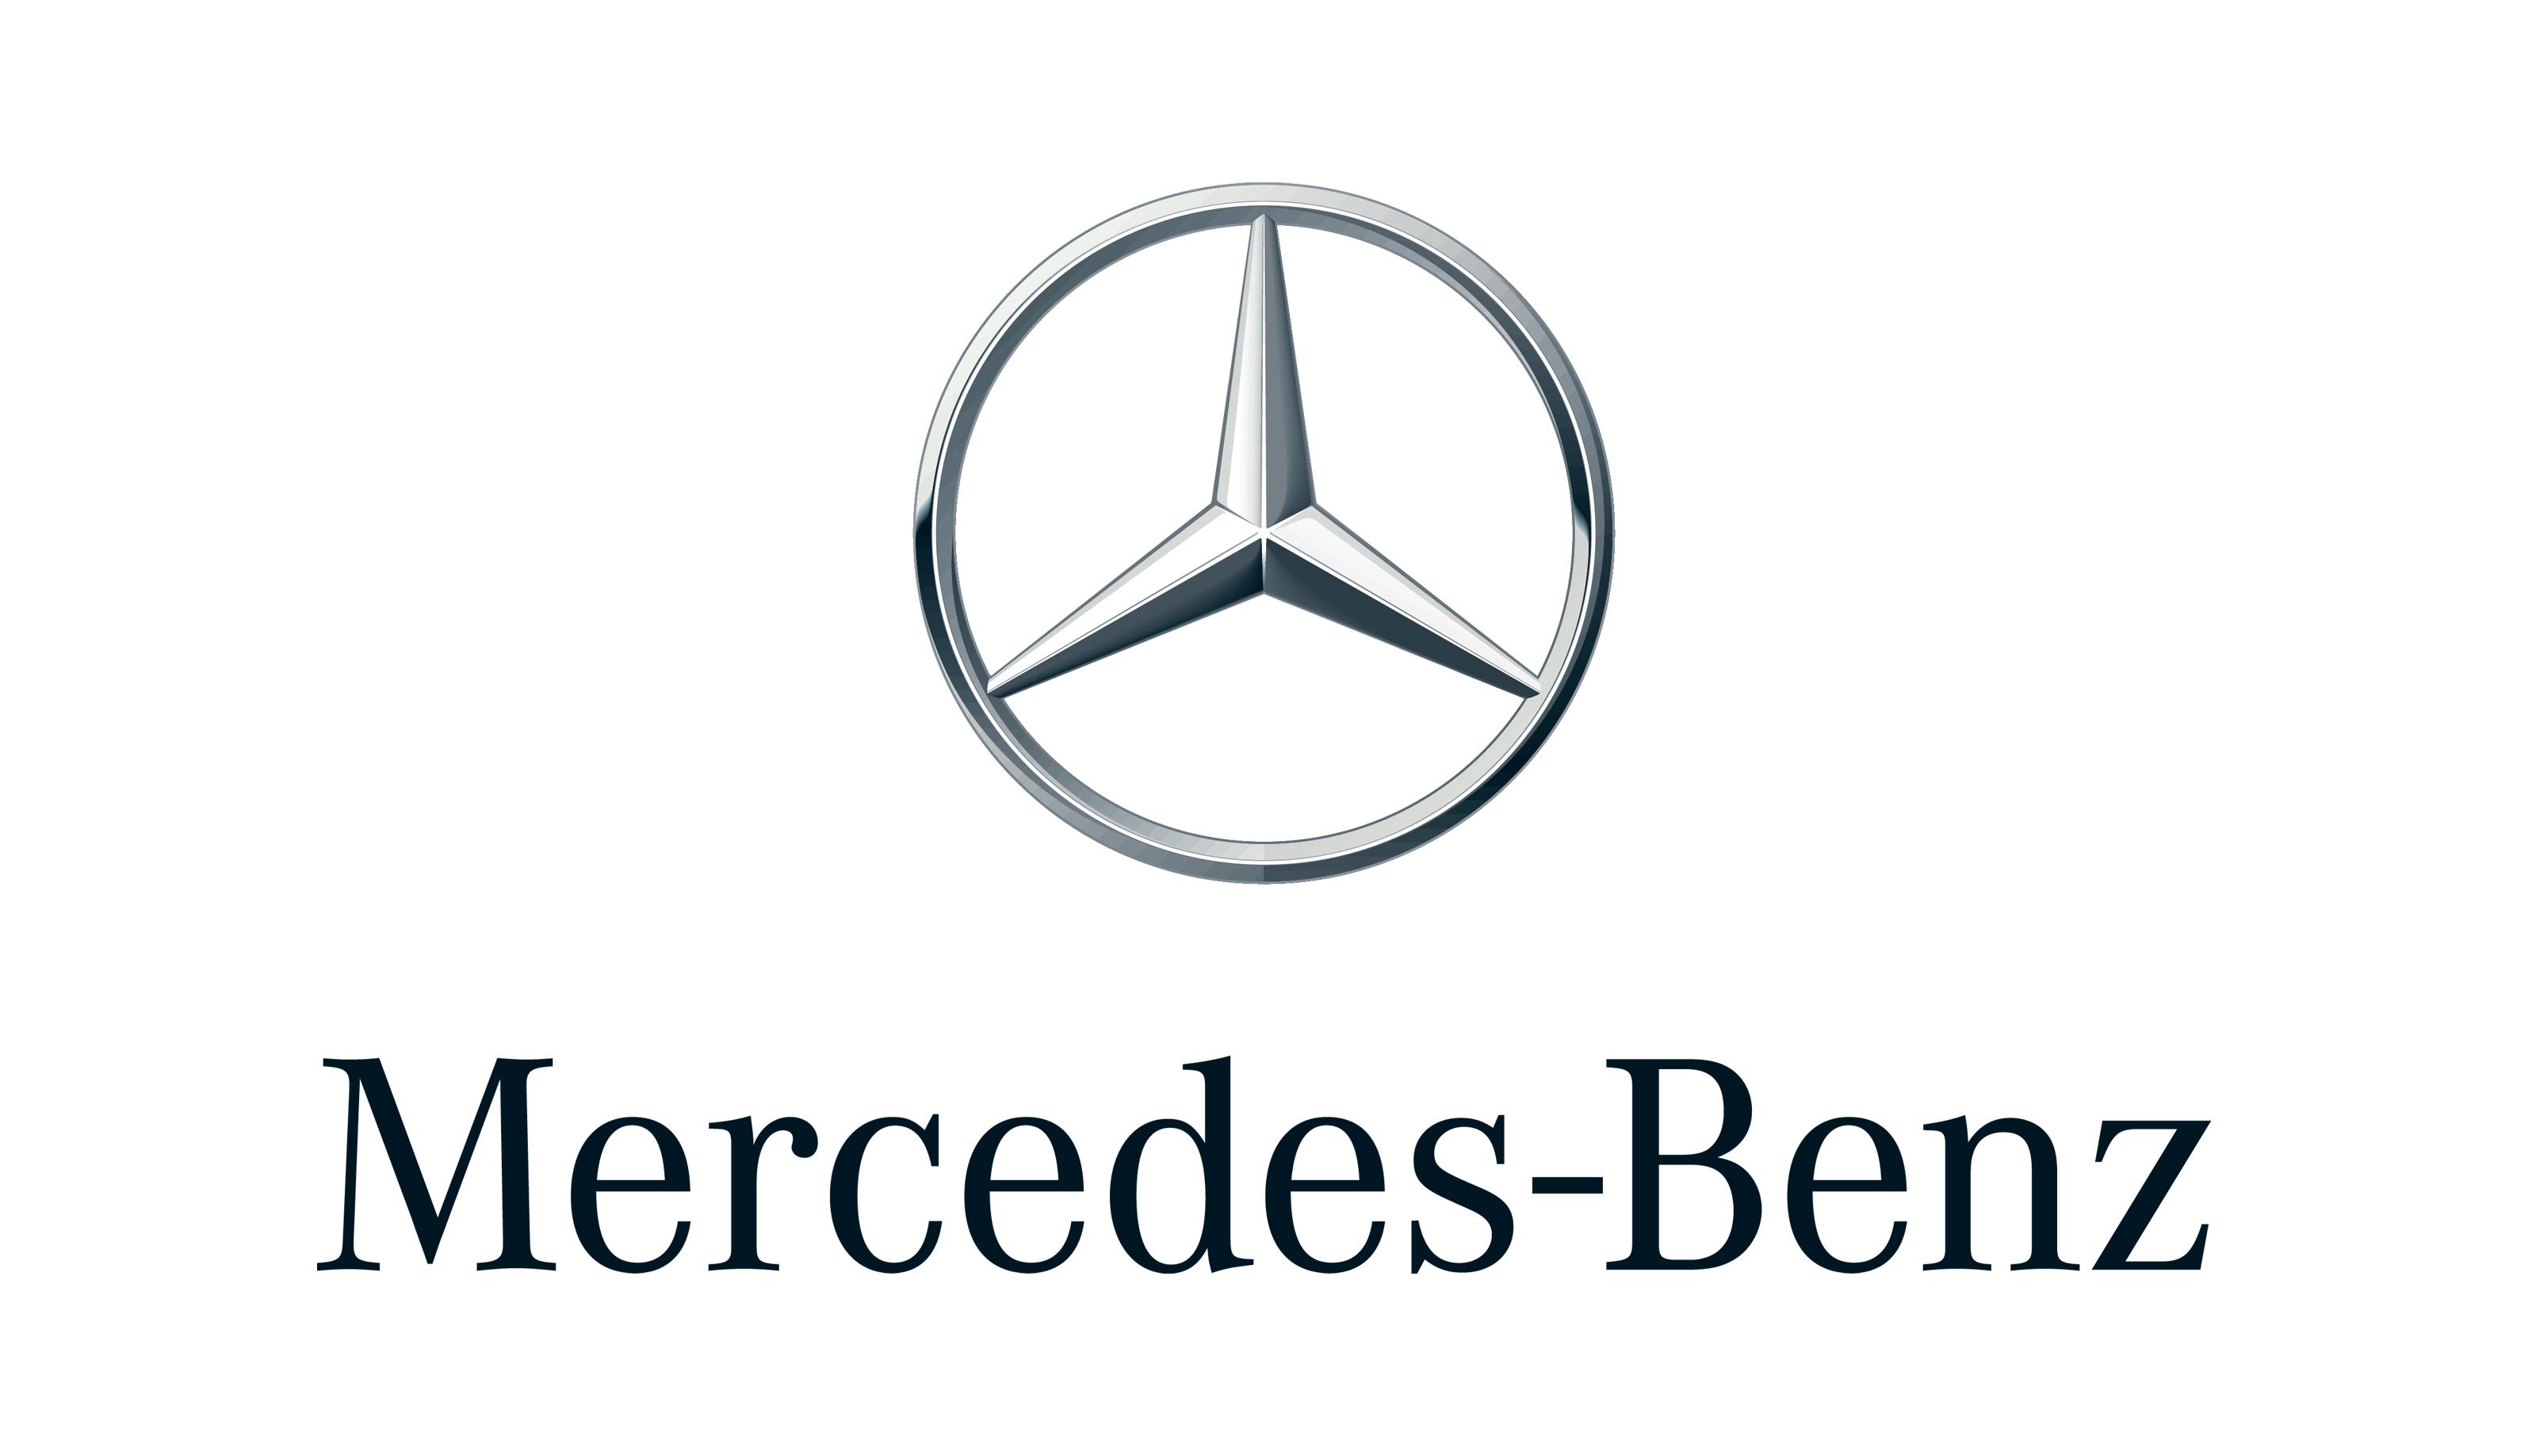 Mercedes Logo Transparent Background - image #483